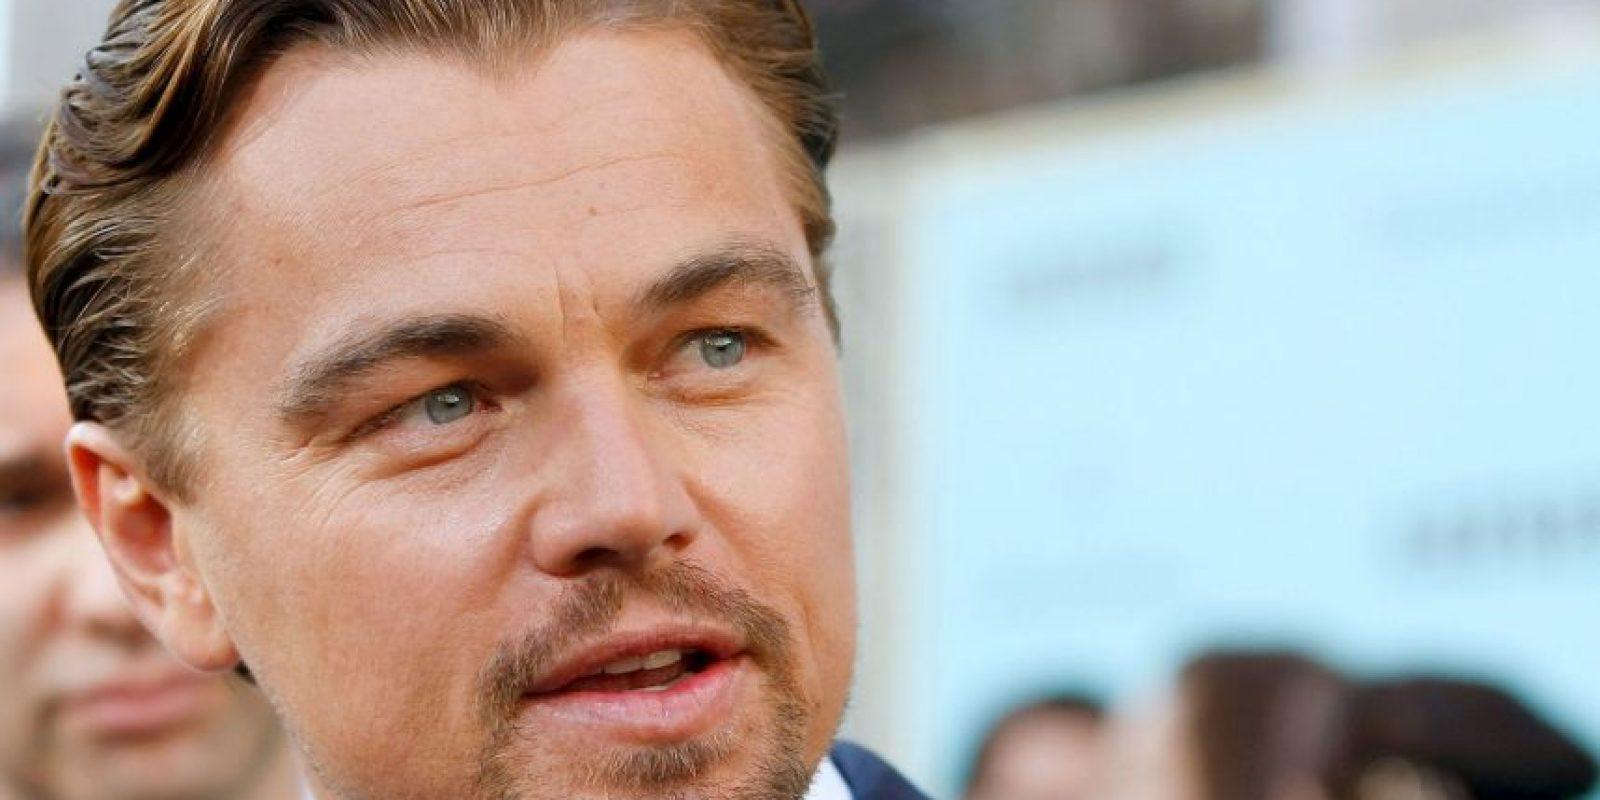 Leonardo DiCaprio fue llamado para el casting de Anakin Skywalker. Le pidieron mucha discreción después de decirle que él podría ser el elegido. Sin embargo, a pocos minutos de la entrevista, el actor estadounidense aseguró a la prensa que él sería Anakin, lo que provocó que finalmente lo rechazaran como opción Foto:Getty Images